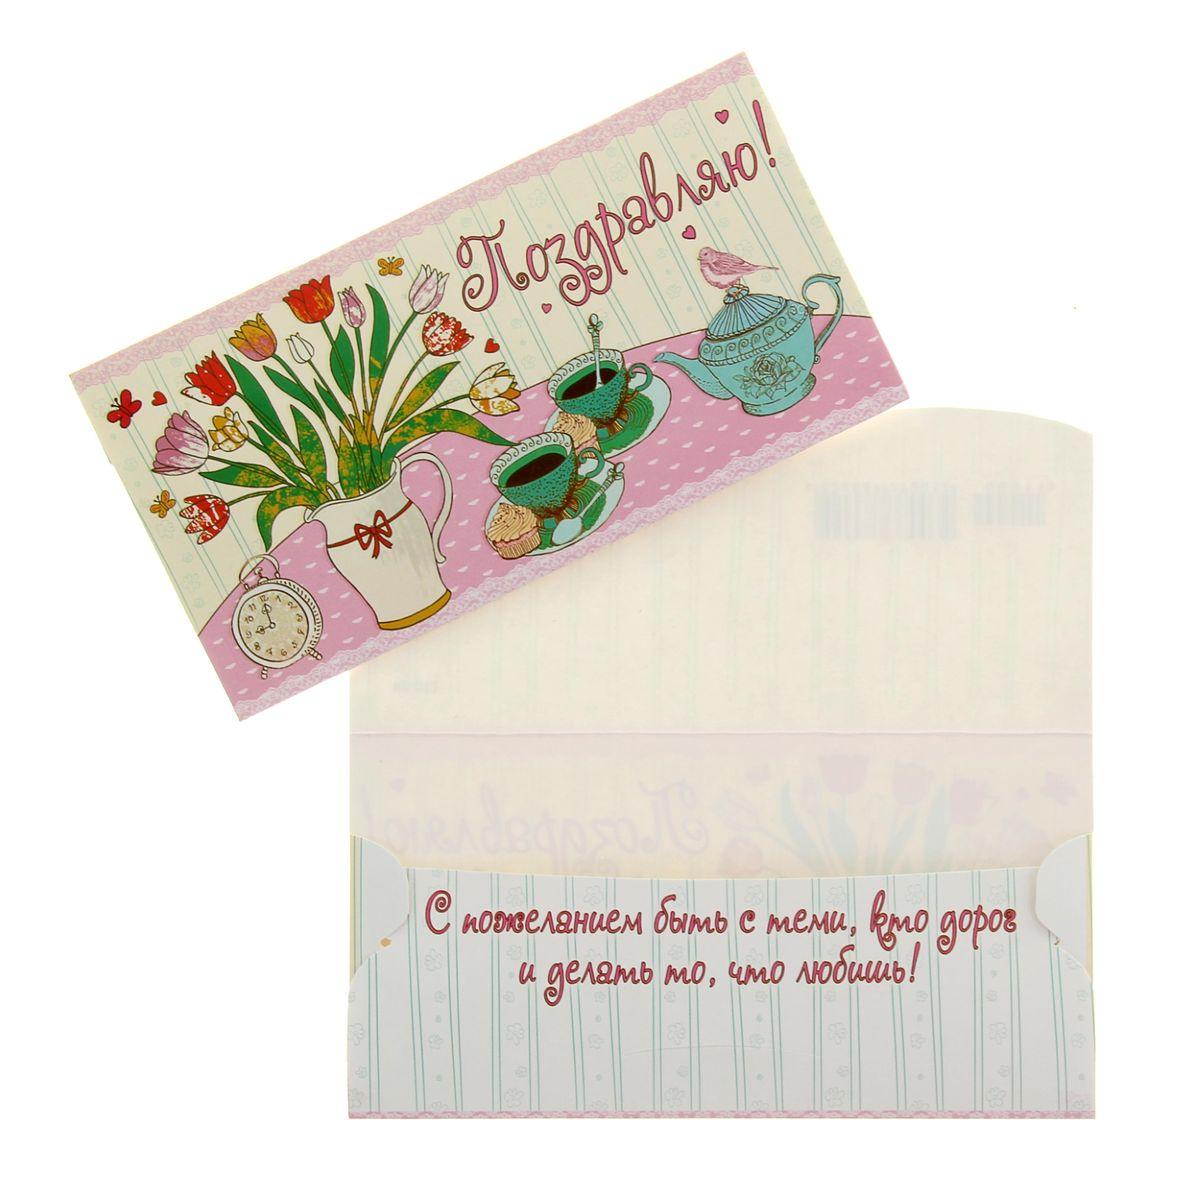 Подпись для открытки с деньгами